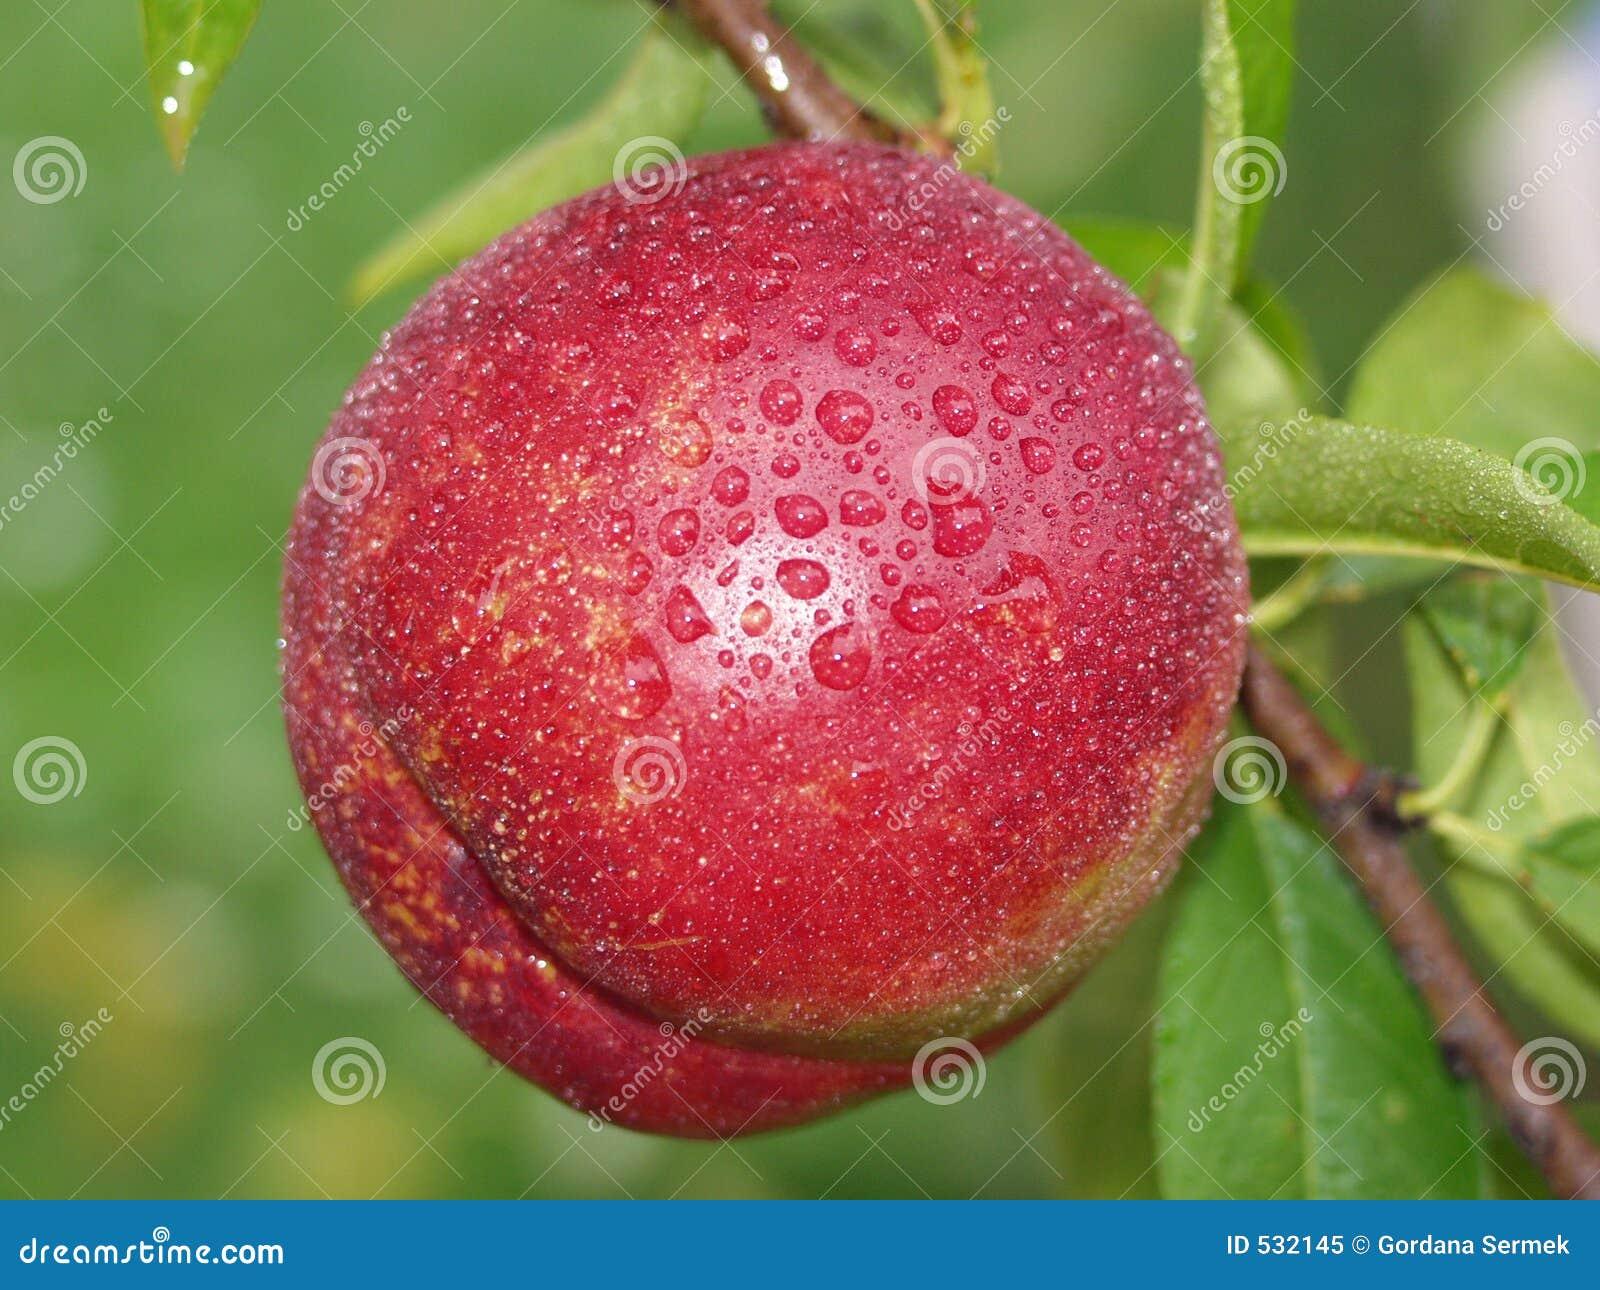 Download 新鲜的桃子雨 库存图片. 图片 包括有 绿色, 食物, 对象, 五颜六色, 可食, 极好, 制动手, 宏指令 - 532145